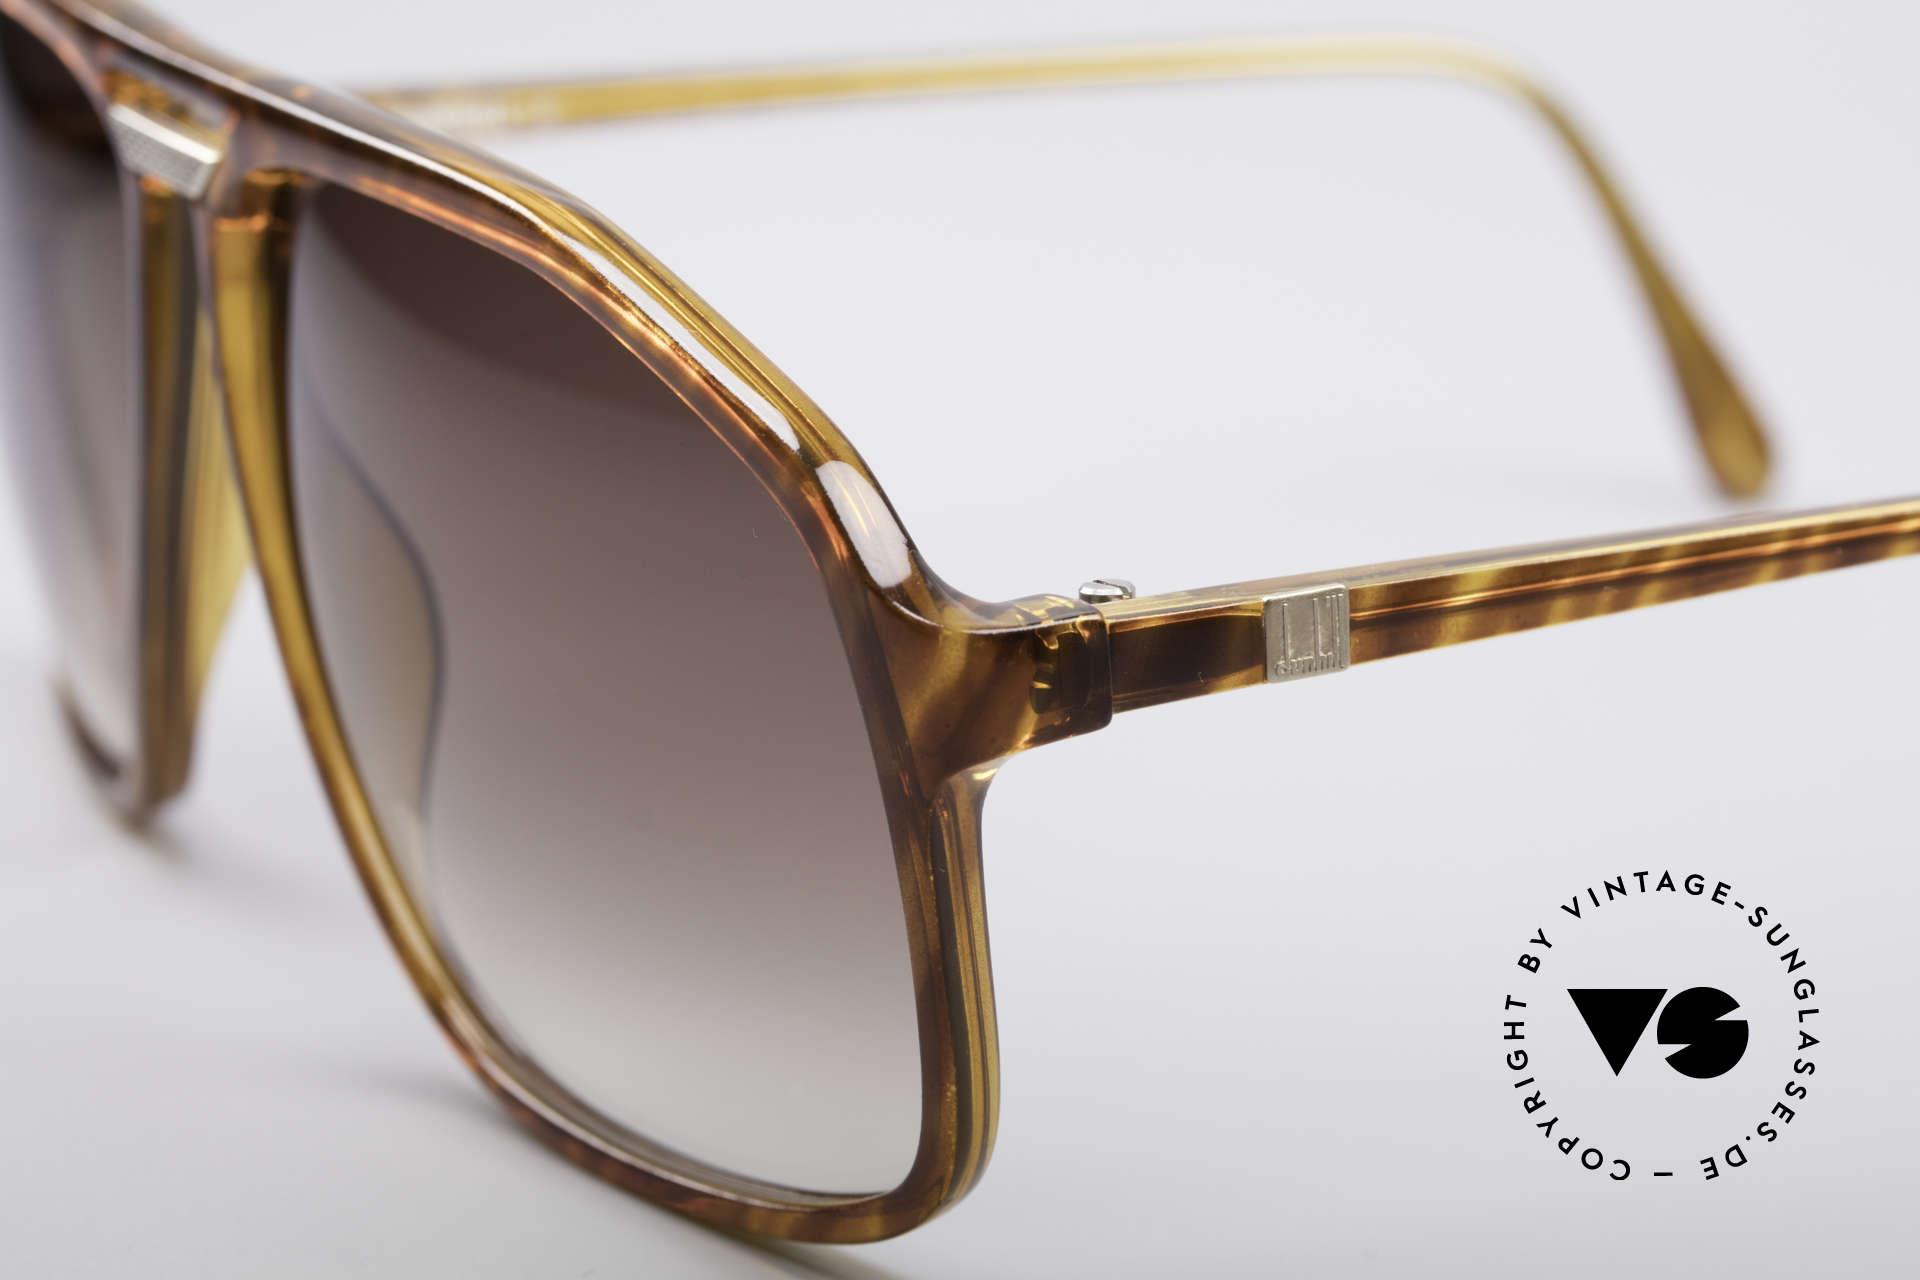 Dunhill 6097 Luxury Men's Sunglasses M, noble light-tortoise frame & dark-brown gradient lenses, Made for Men